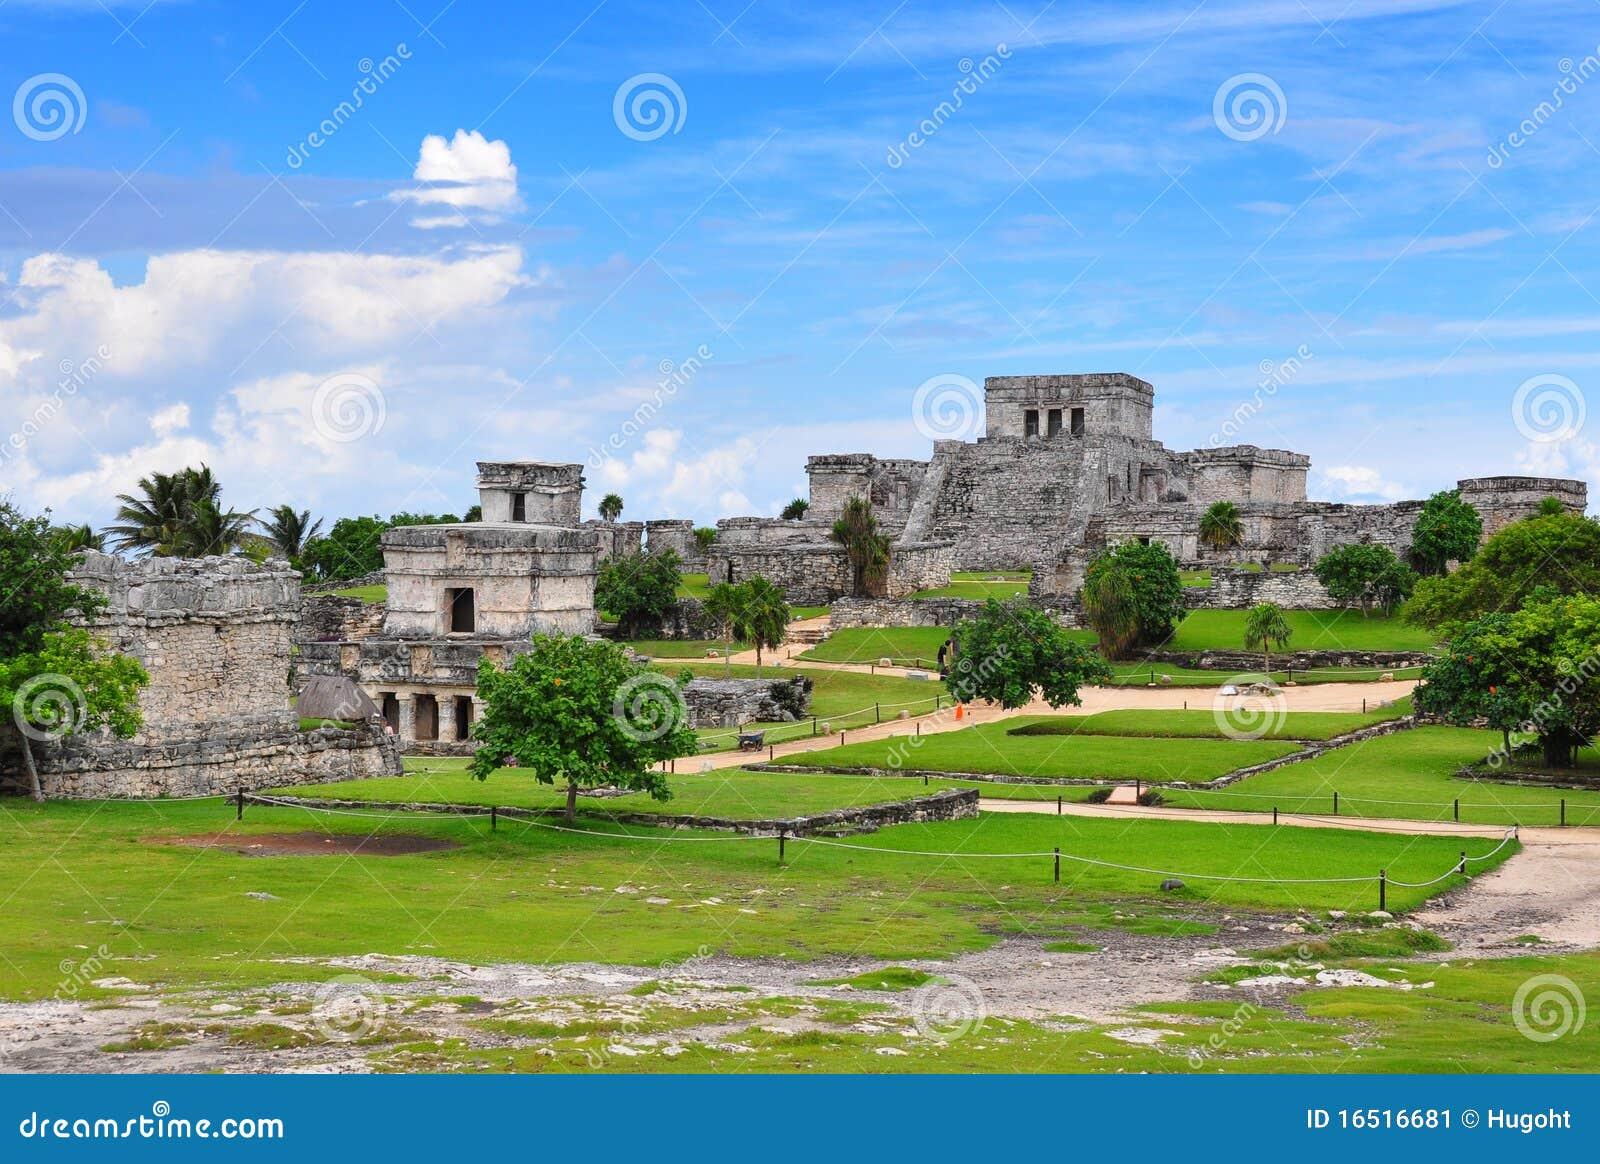 Ruines de Maya de Tulum, Mexique